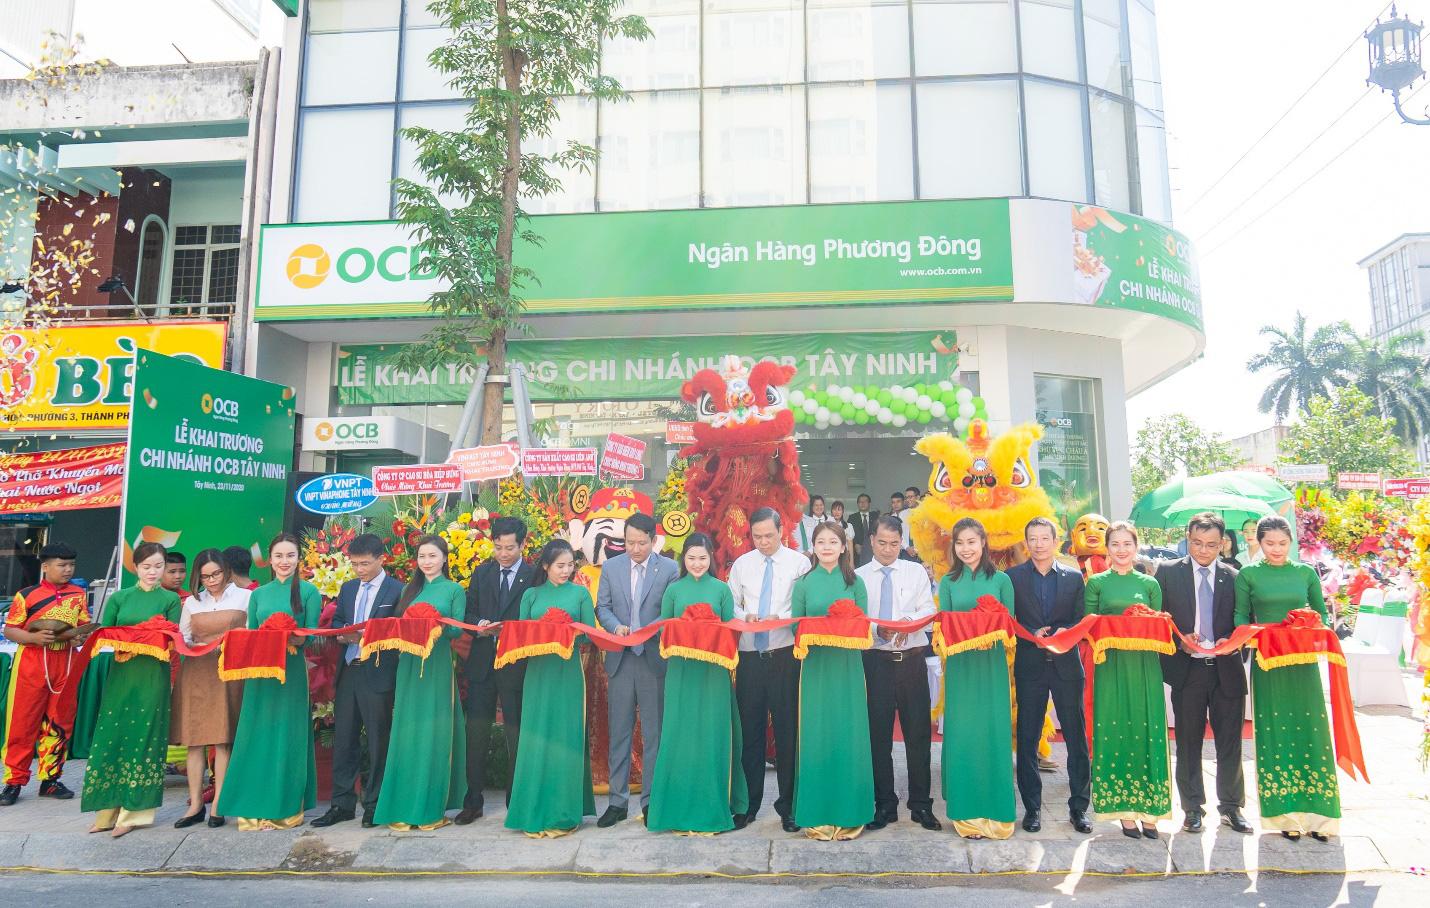 OCB khai trương chi nhánh đầu tiên tại tỉnh Tây Ninh - Ảnh 2.